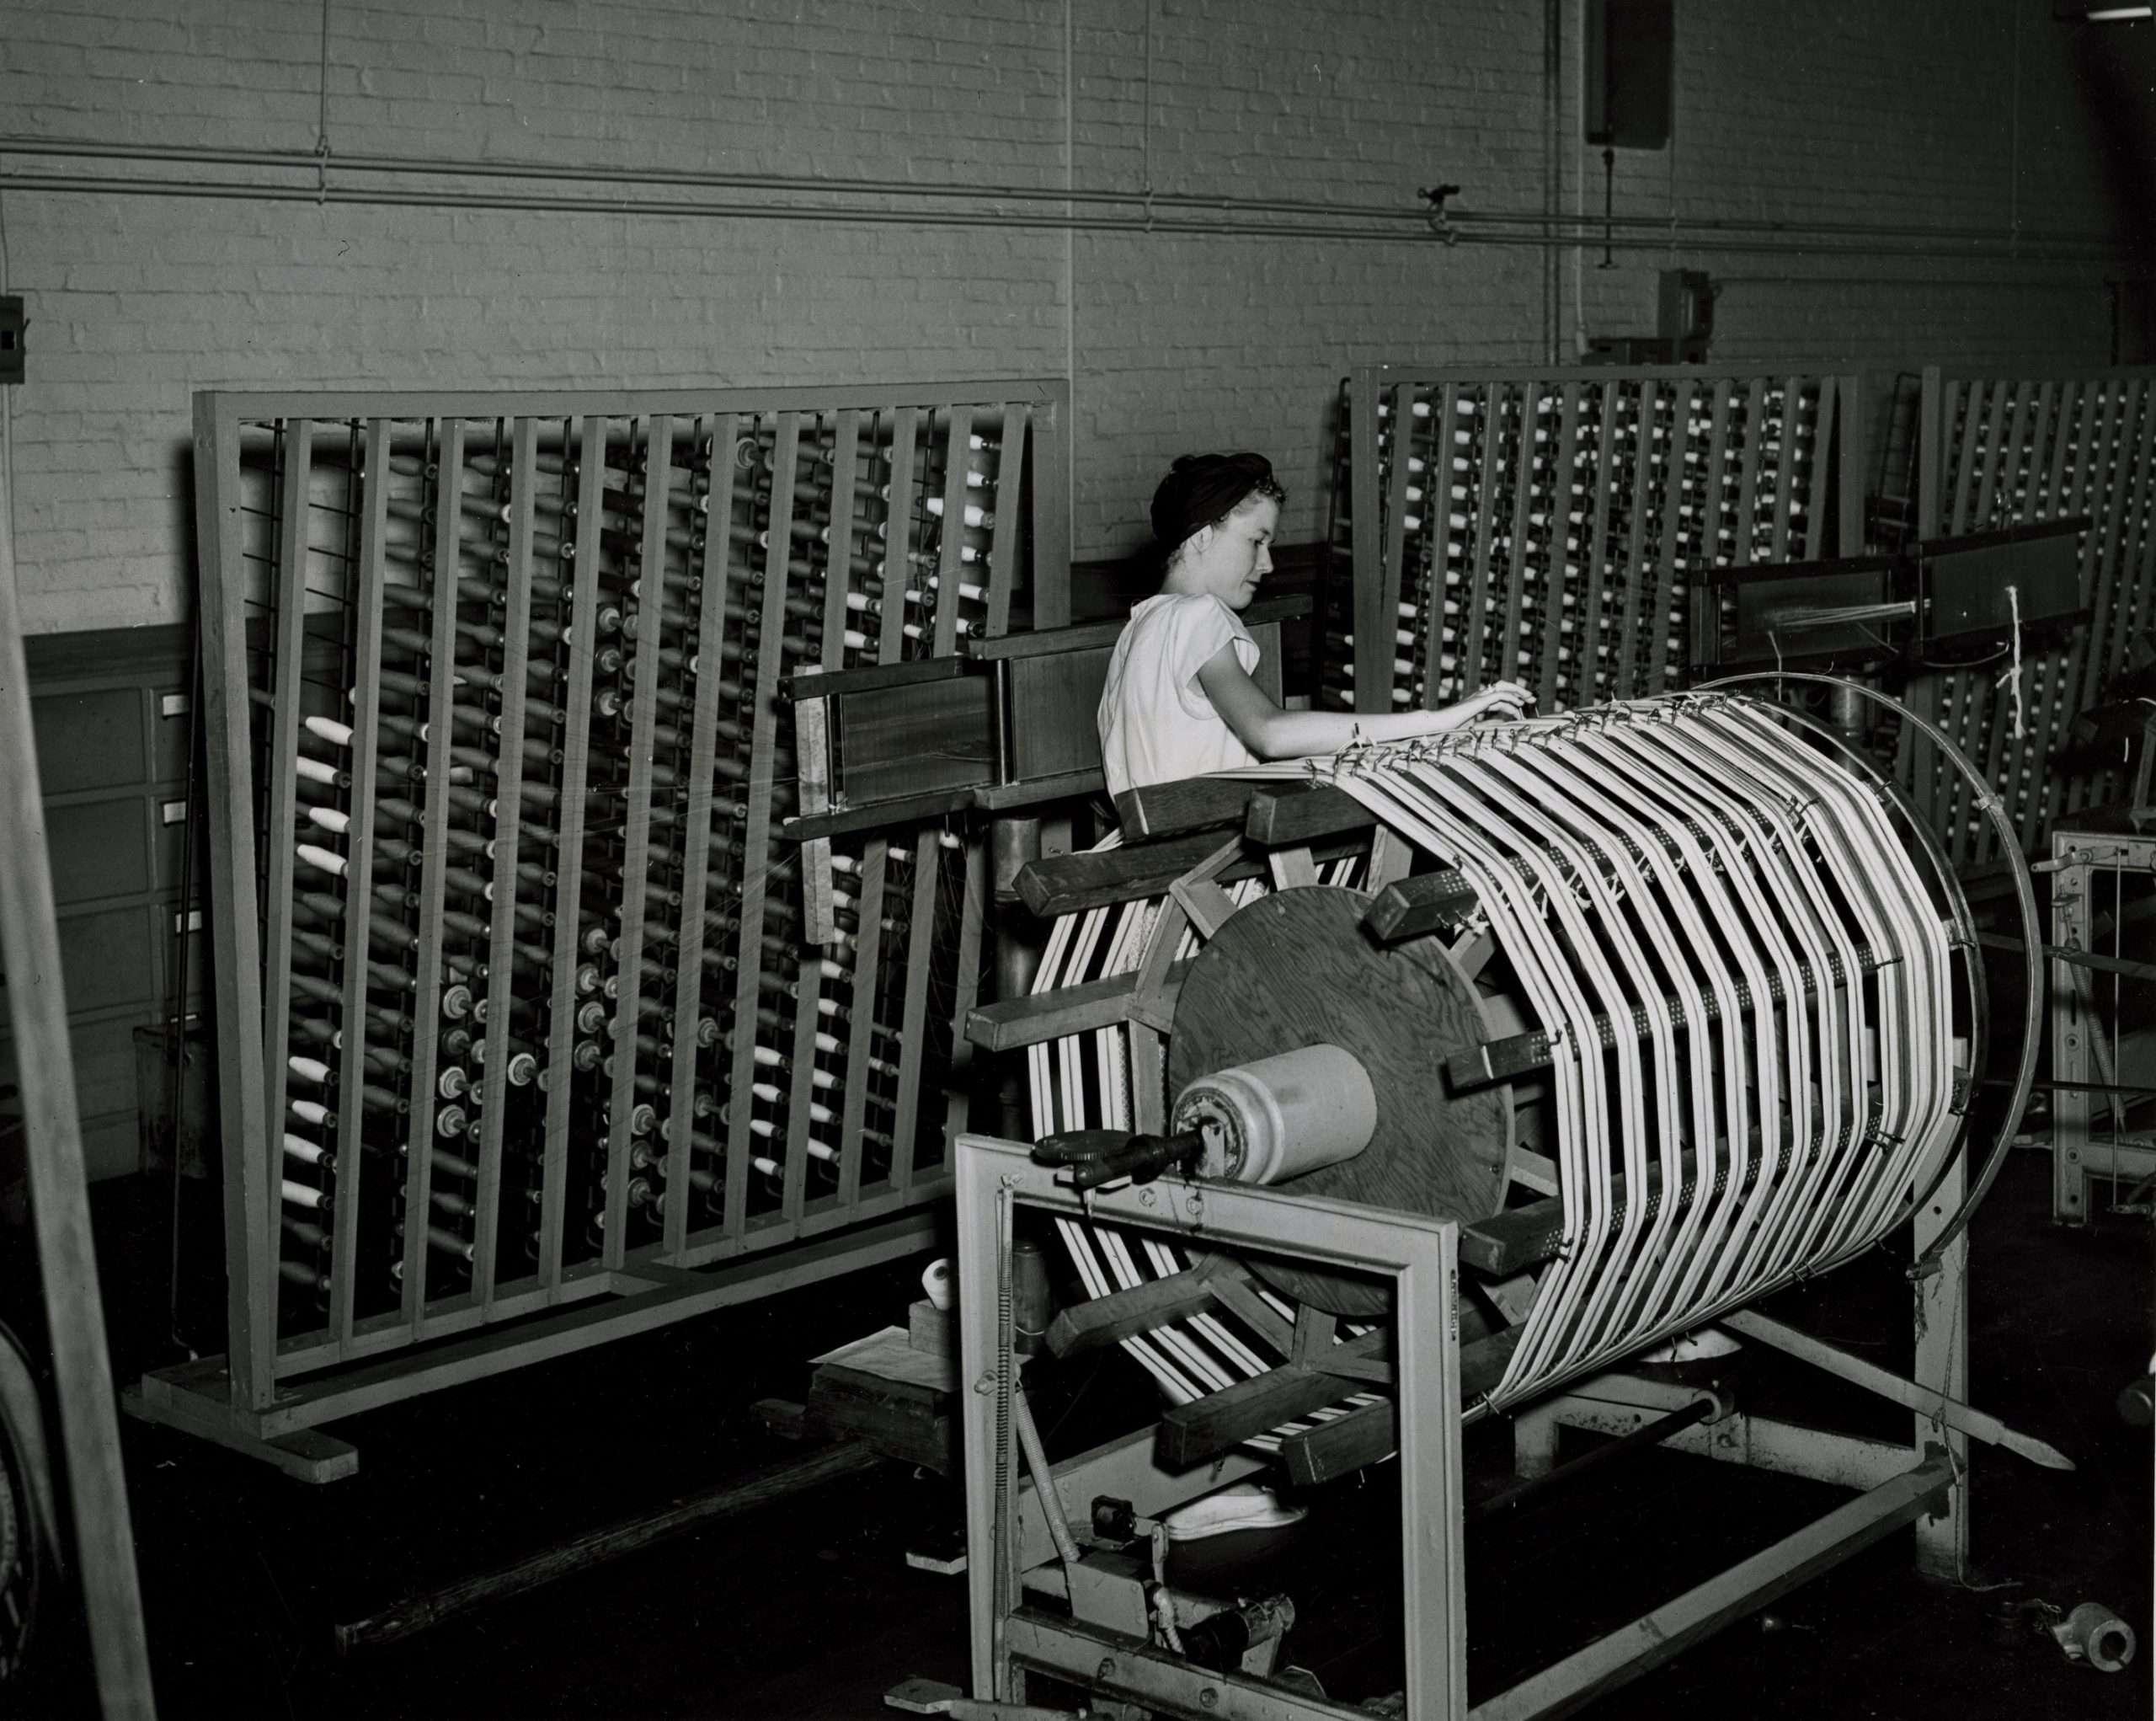 Woman Tending Machinery at Dan River Mills